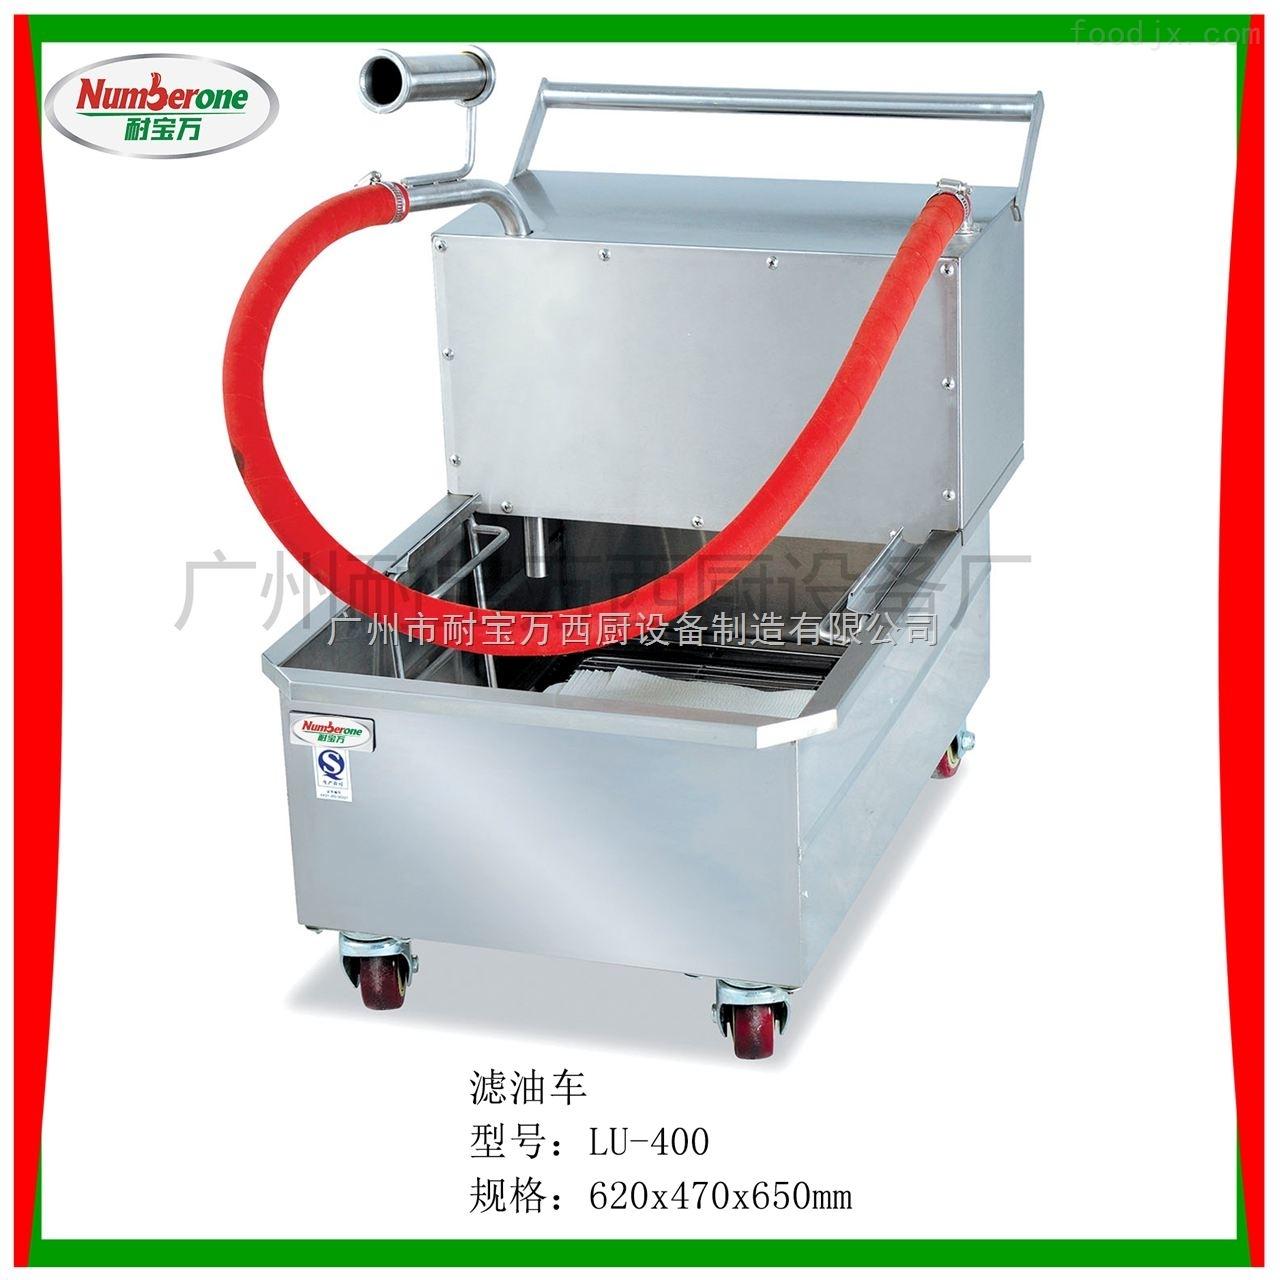 滤油车/炸炉/薯条柜/陈列保温柜/署条保温柜/西式快餐设备